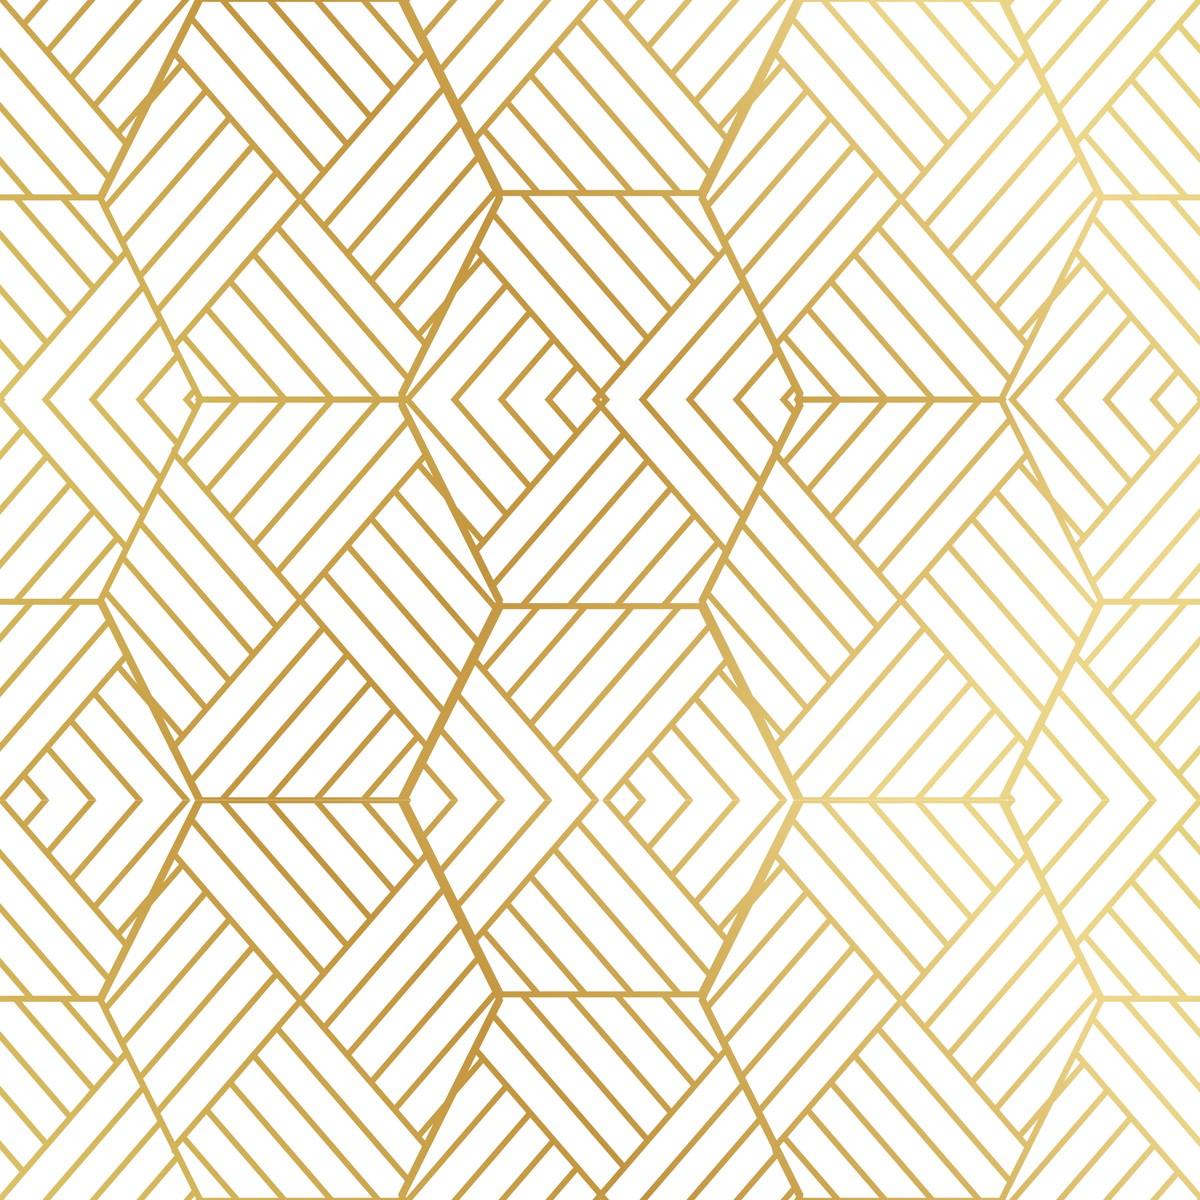 Adesivo papel de parede geom trico dourado escolha a cor - Papel de pared de rayas ...